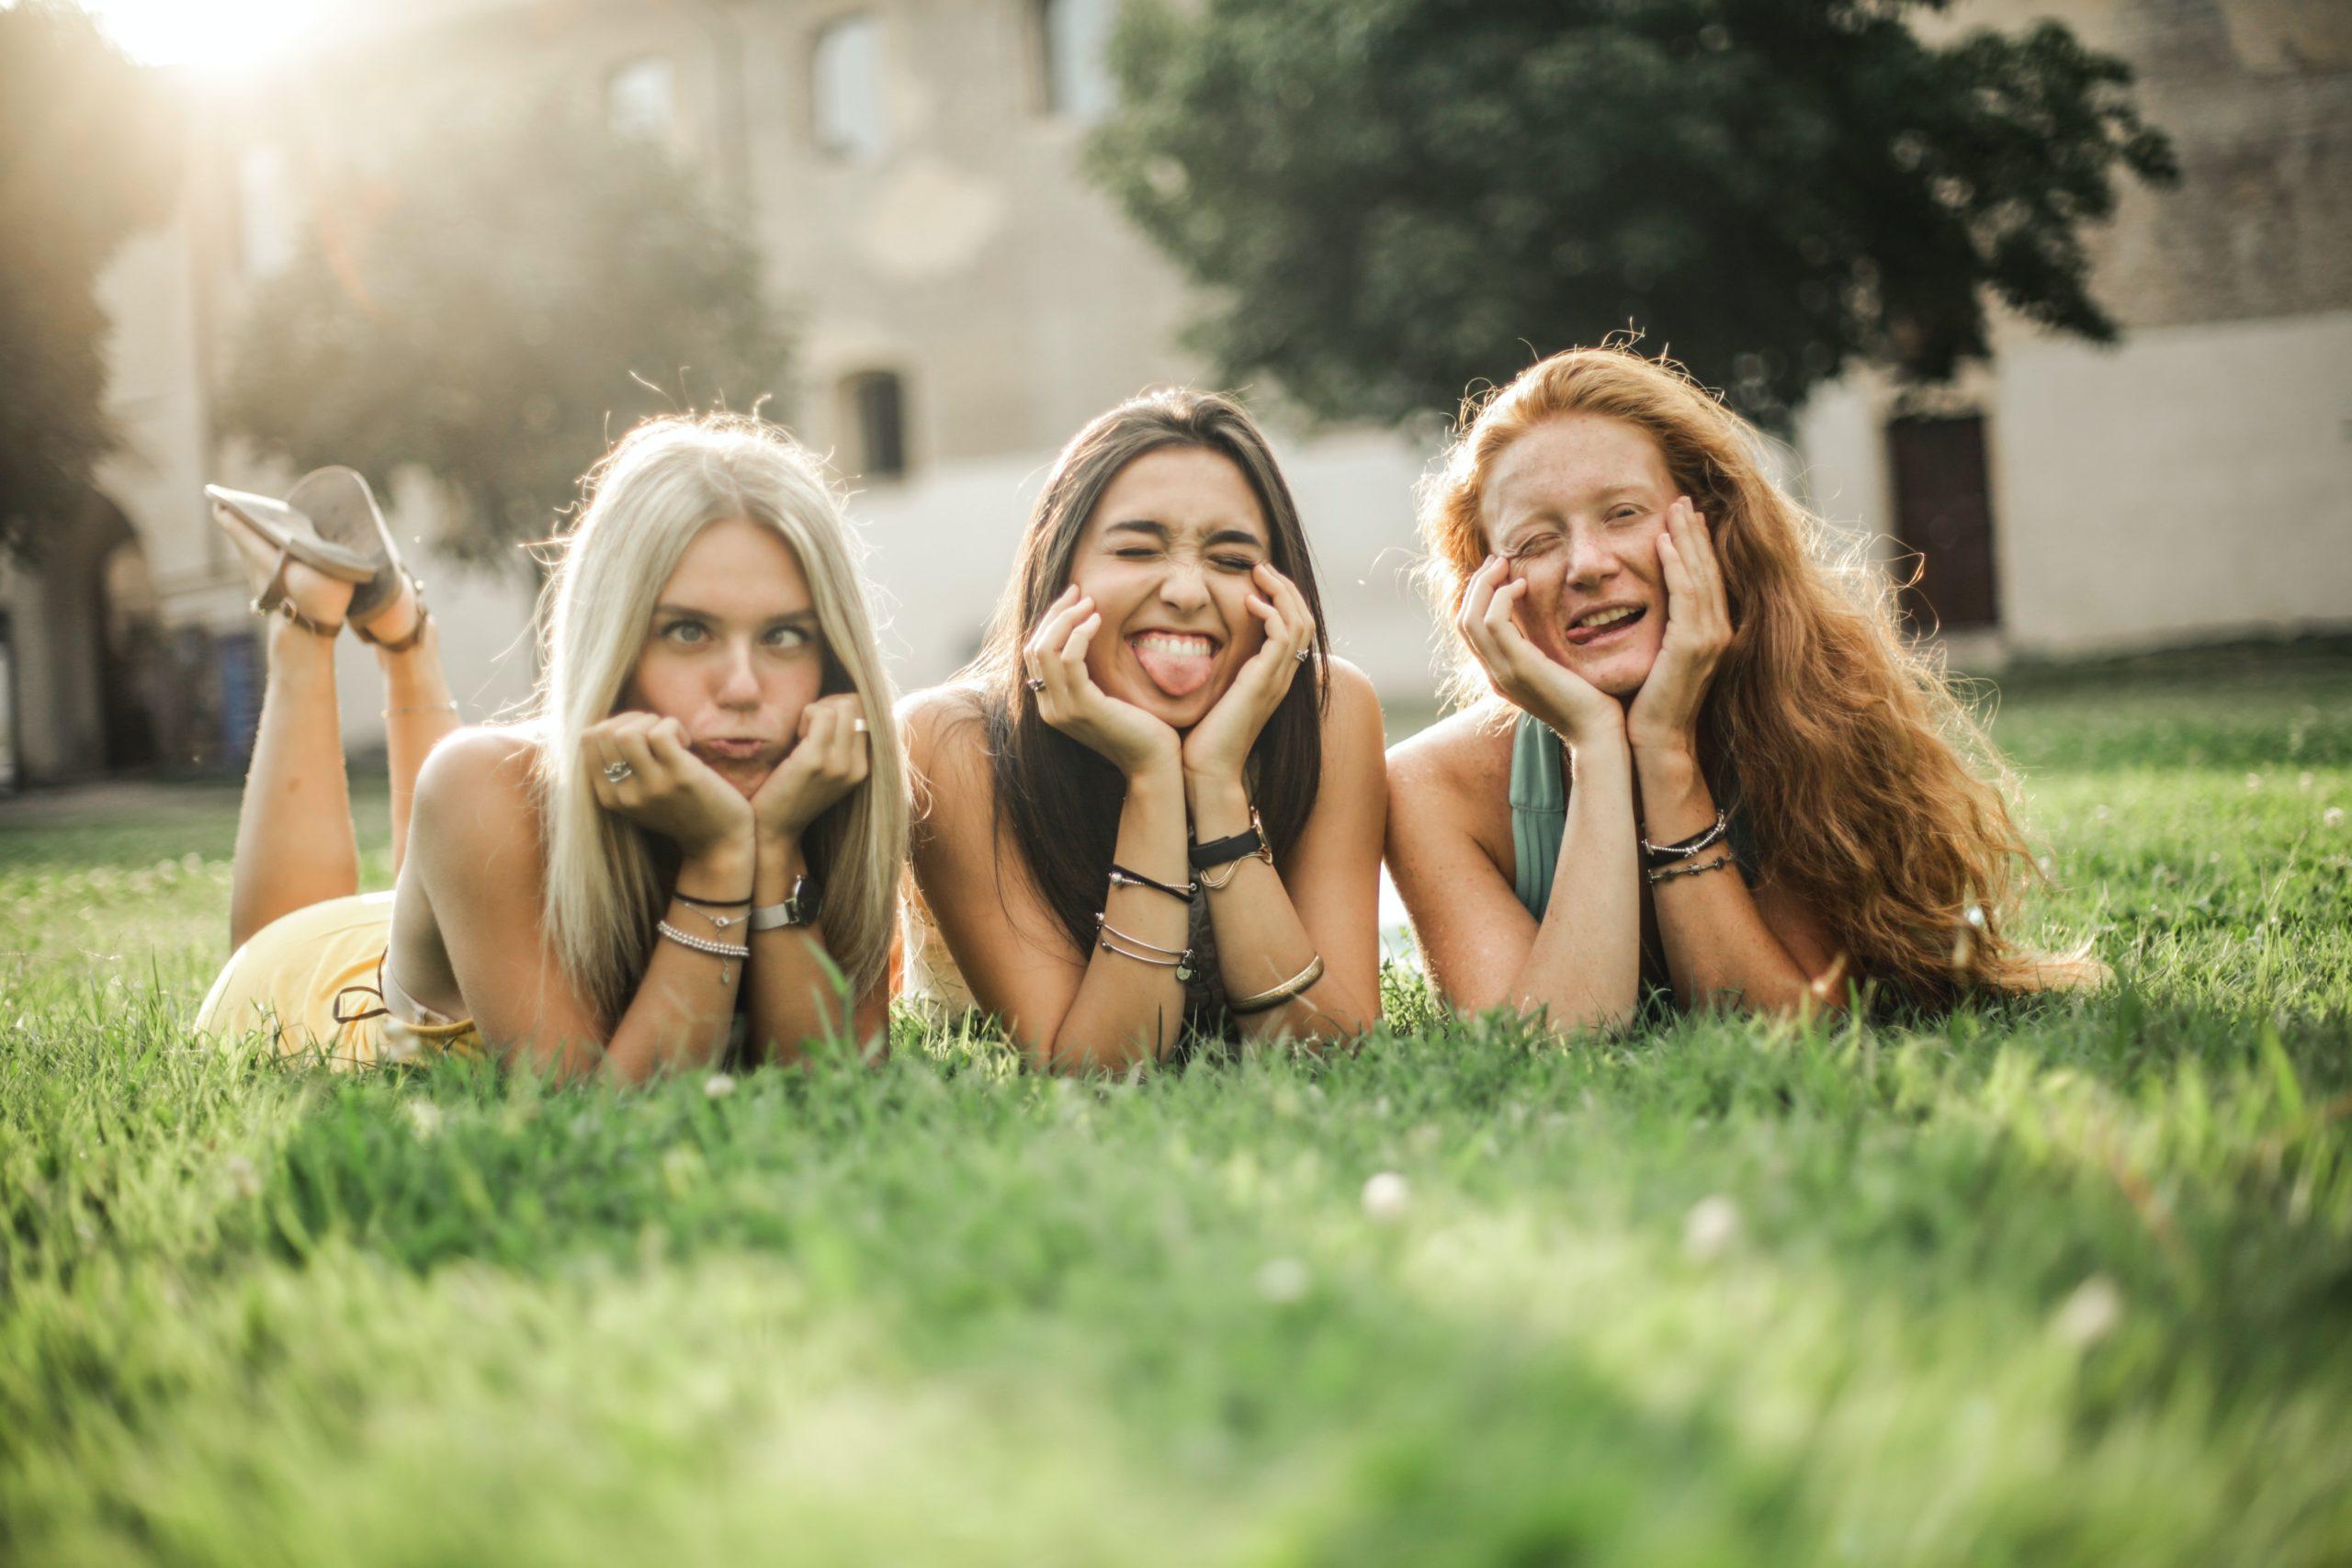 nurture-your-friendships